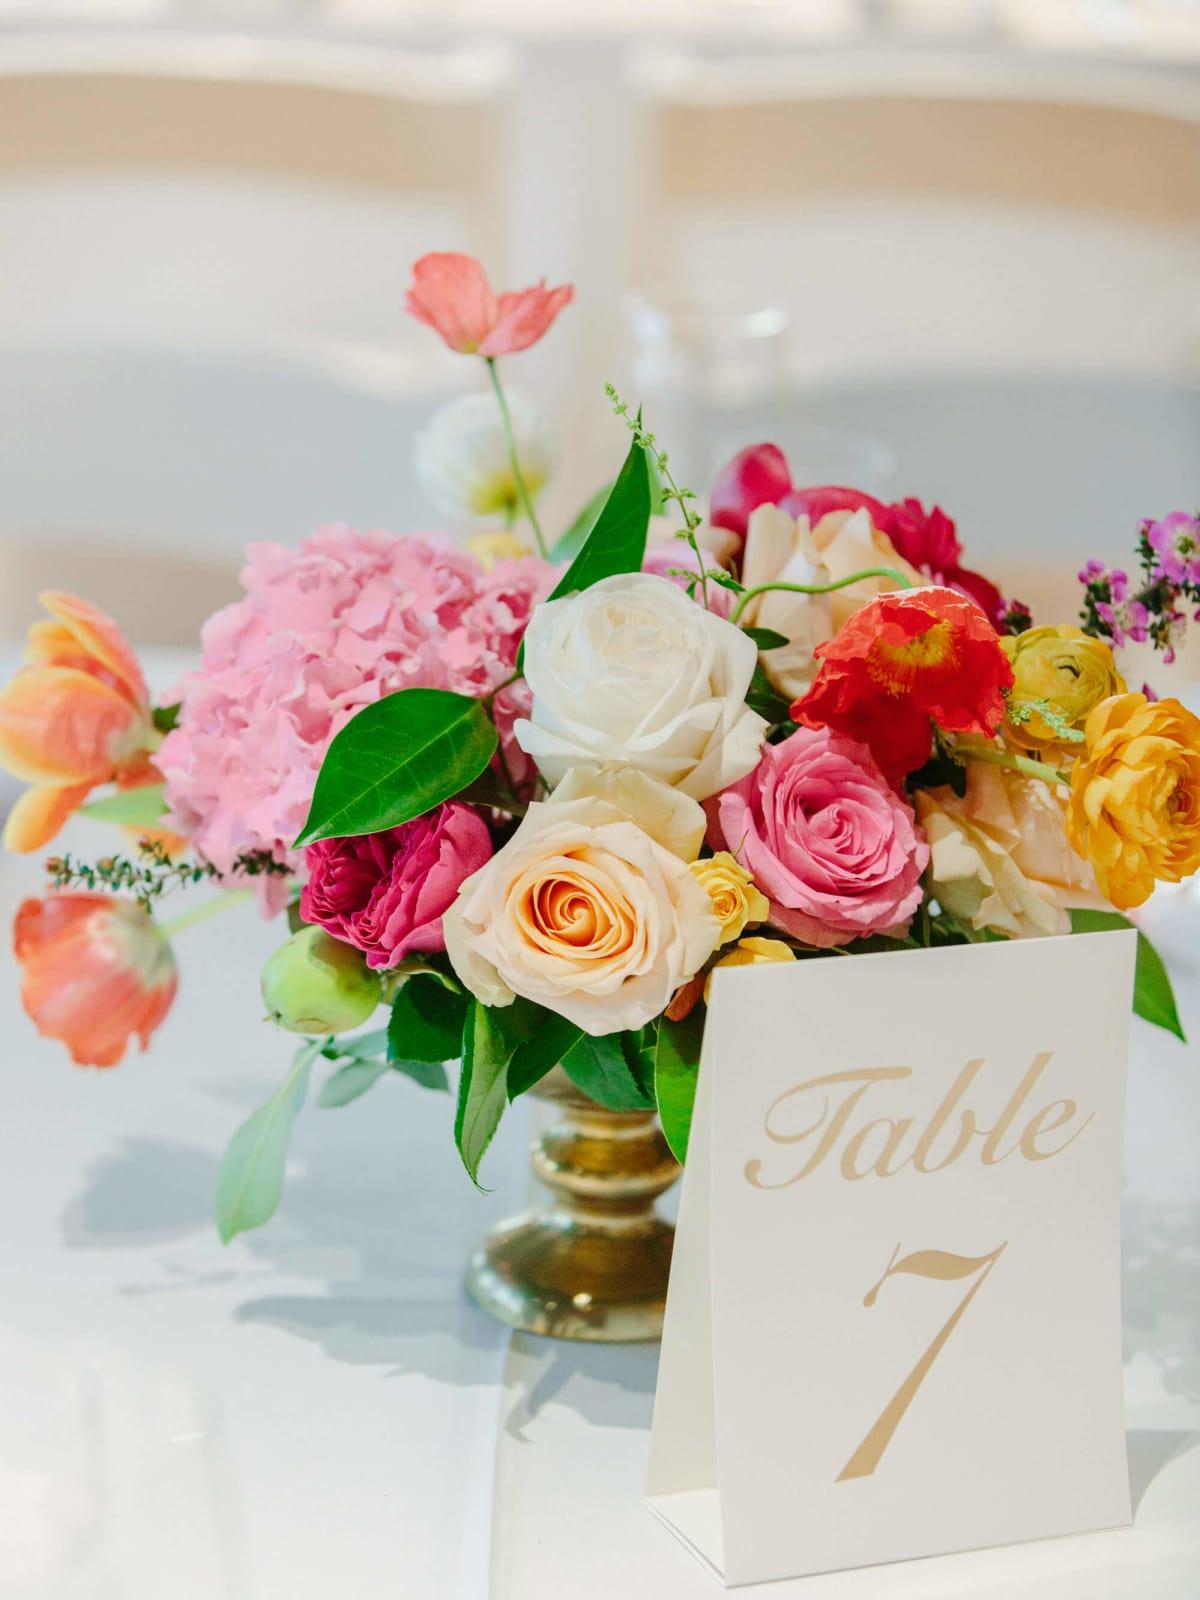 Pria Amin, Robert Dvorscak 2016 Real Weddings